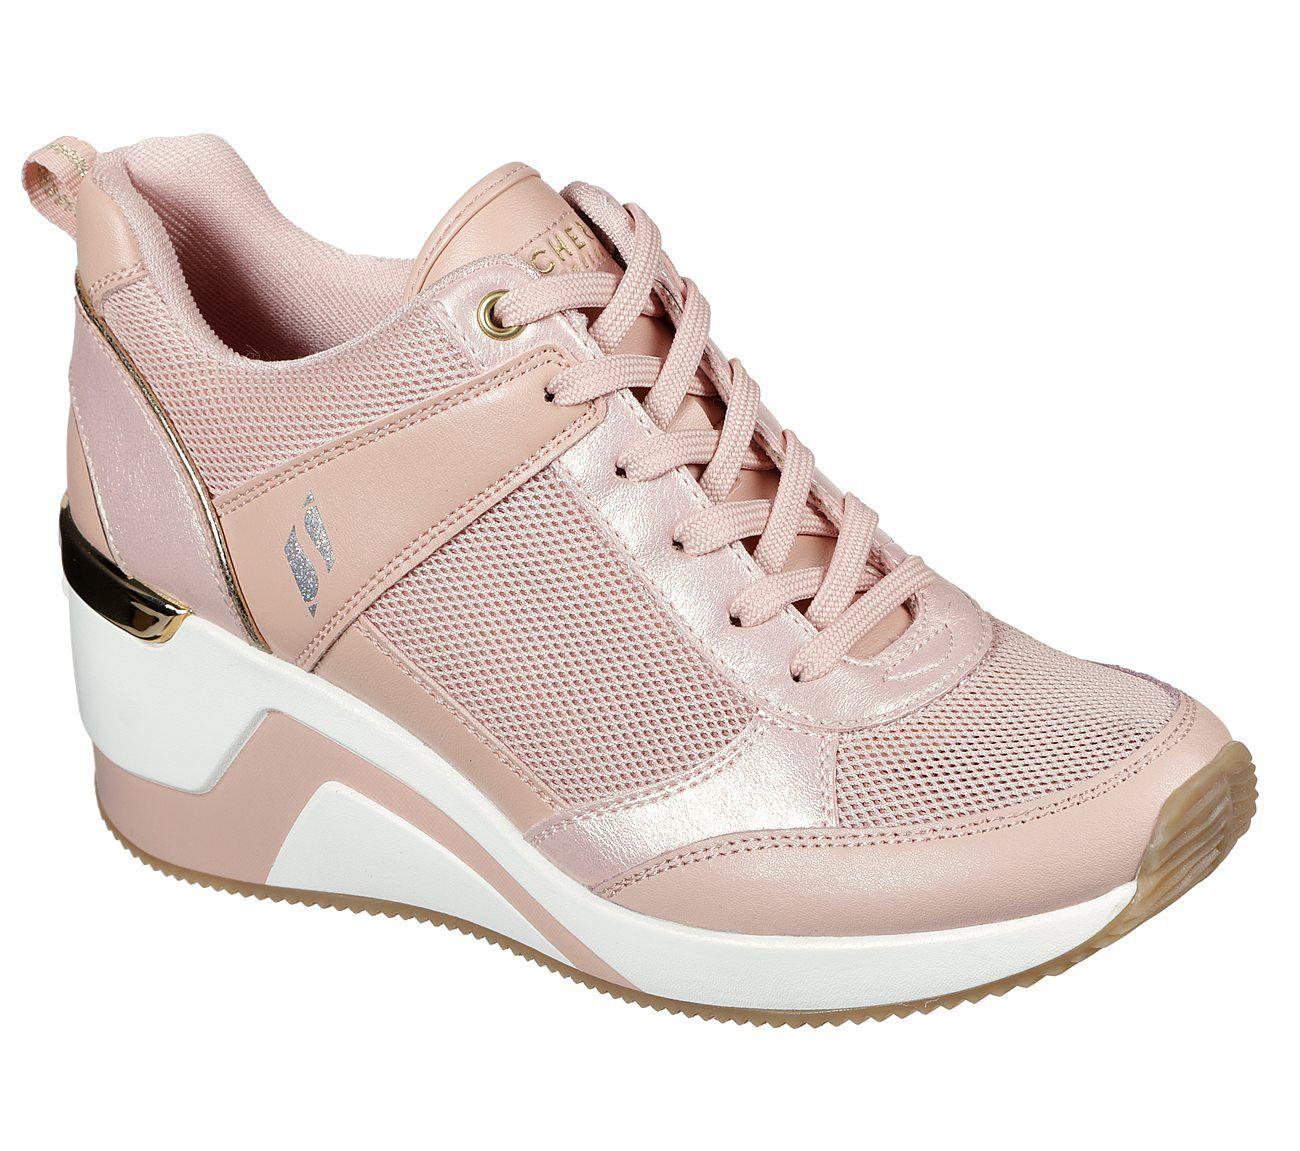 Wedge heel sneakers, Sneakers